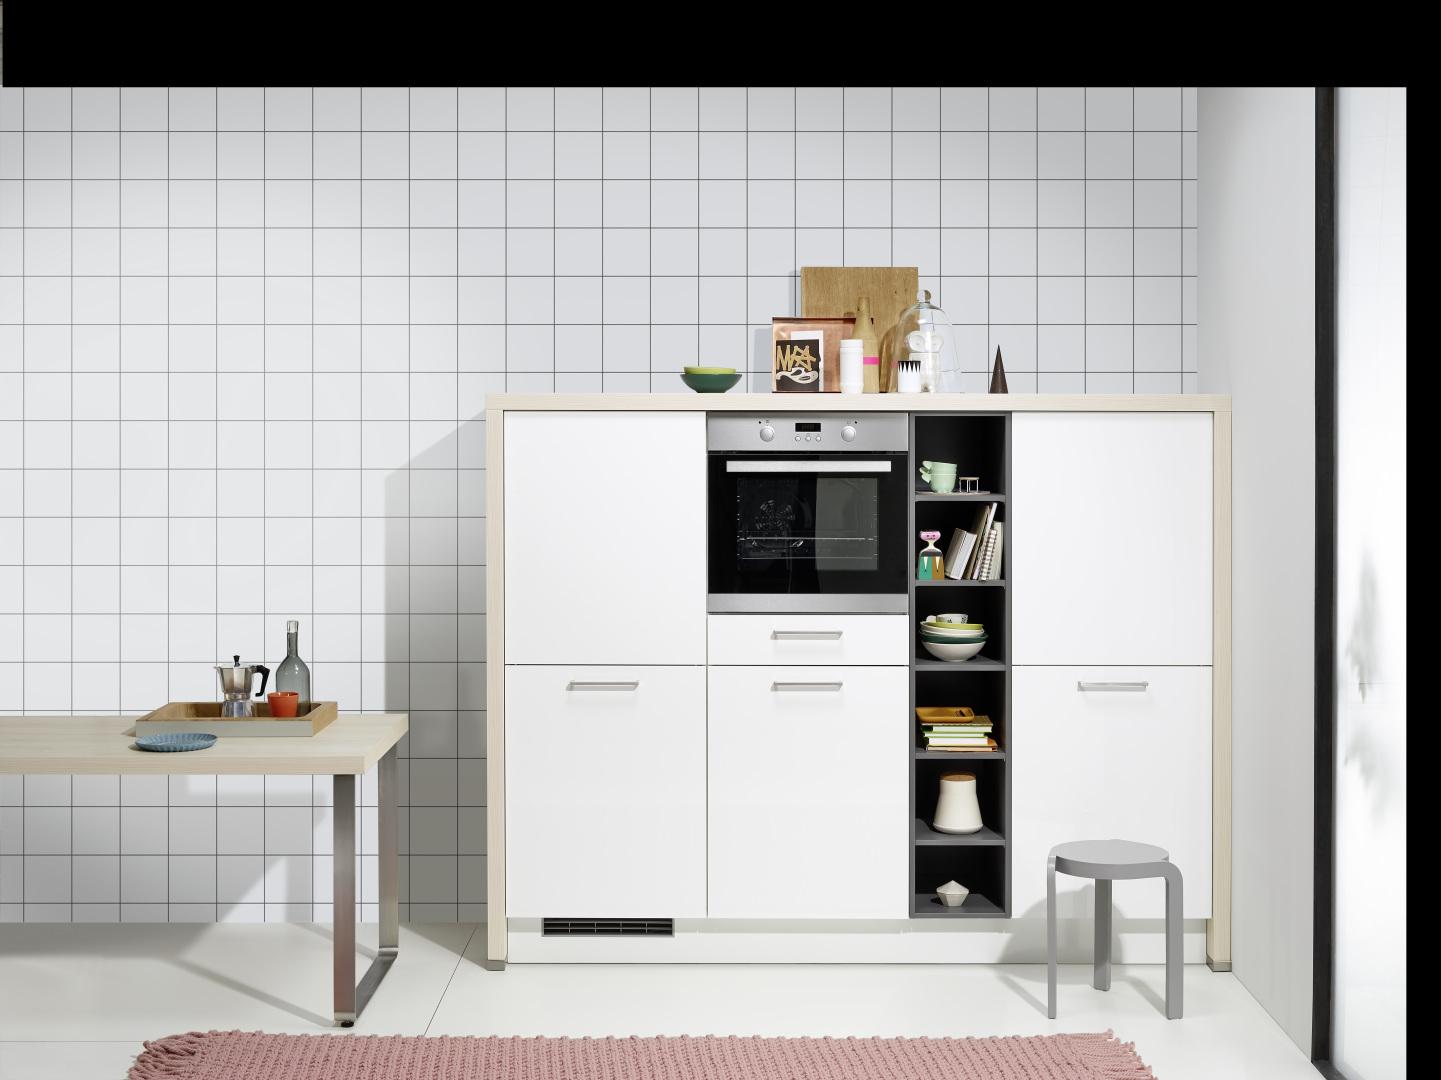 Nolte economic line Lyon biała kuchnia